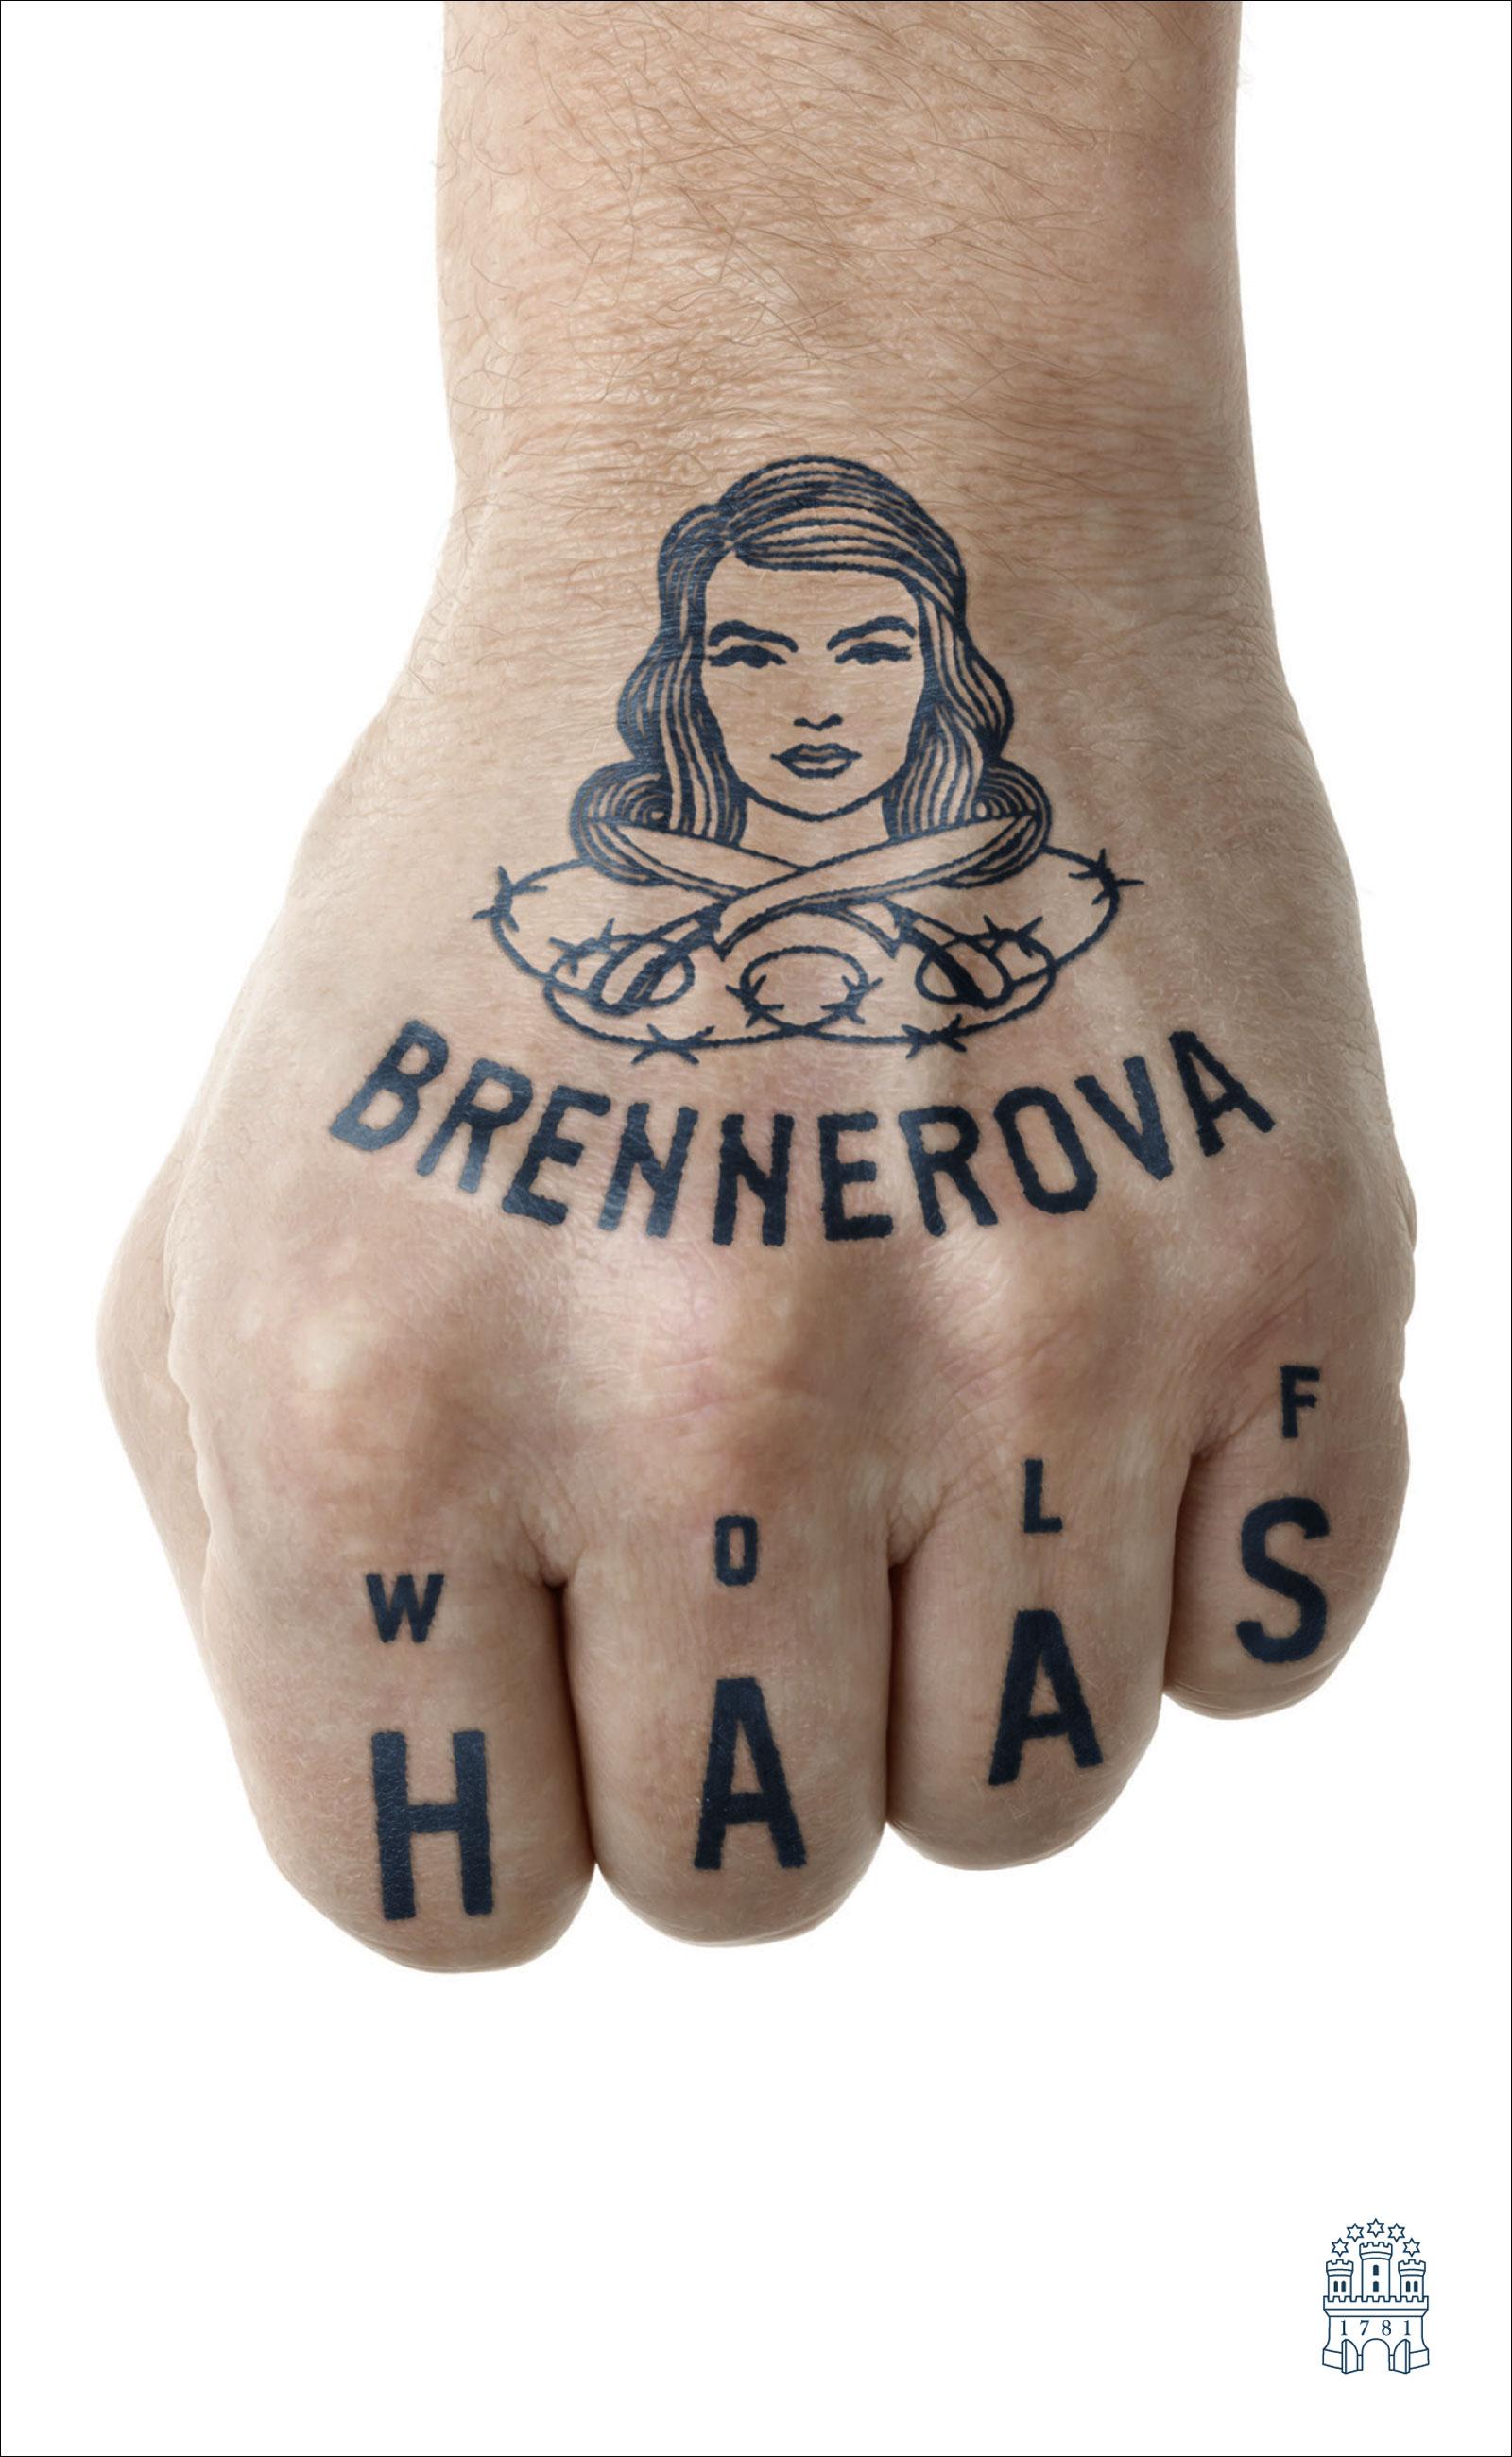 Brennerova - Wolf Haas [Gebundene Ausgabe]